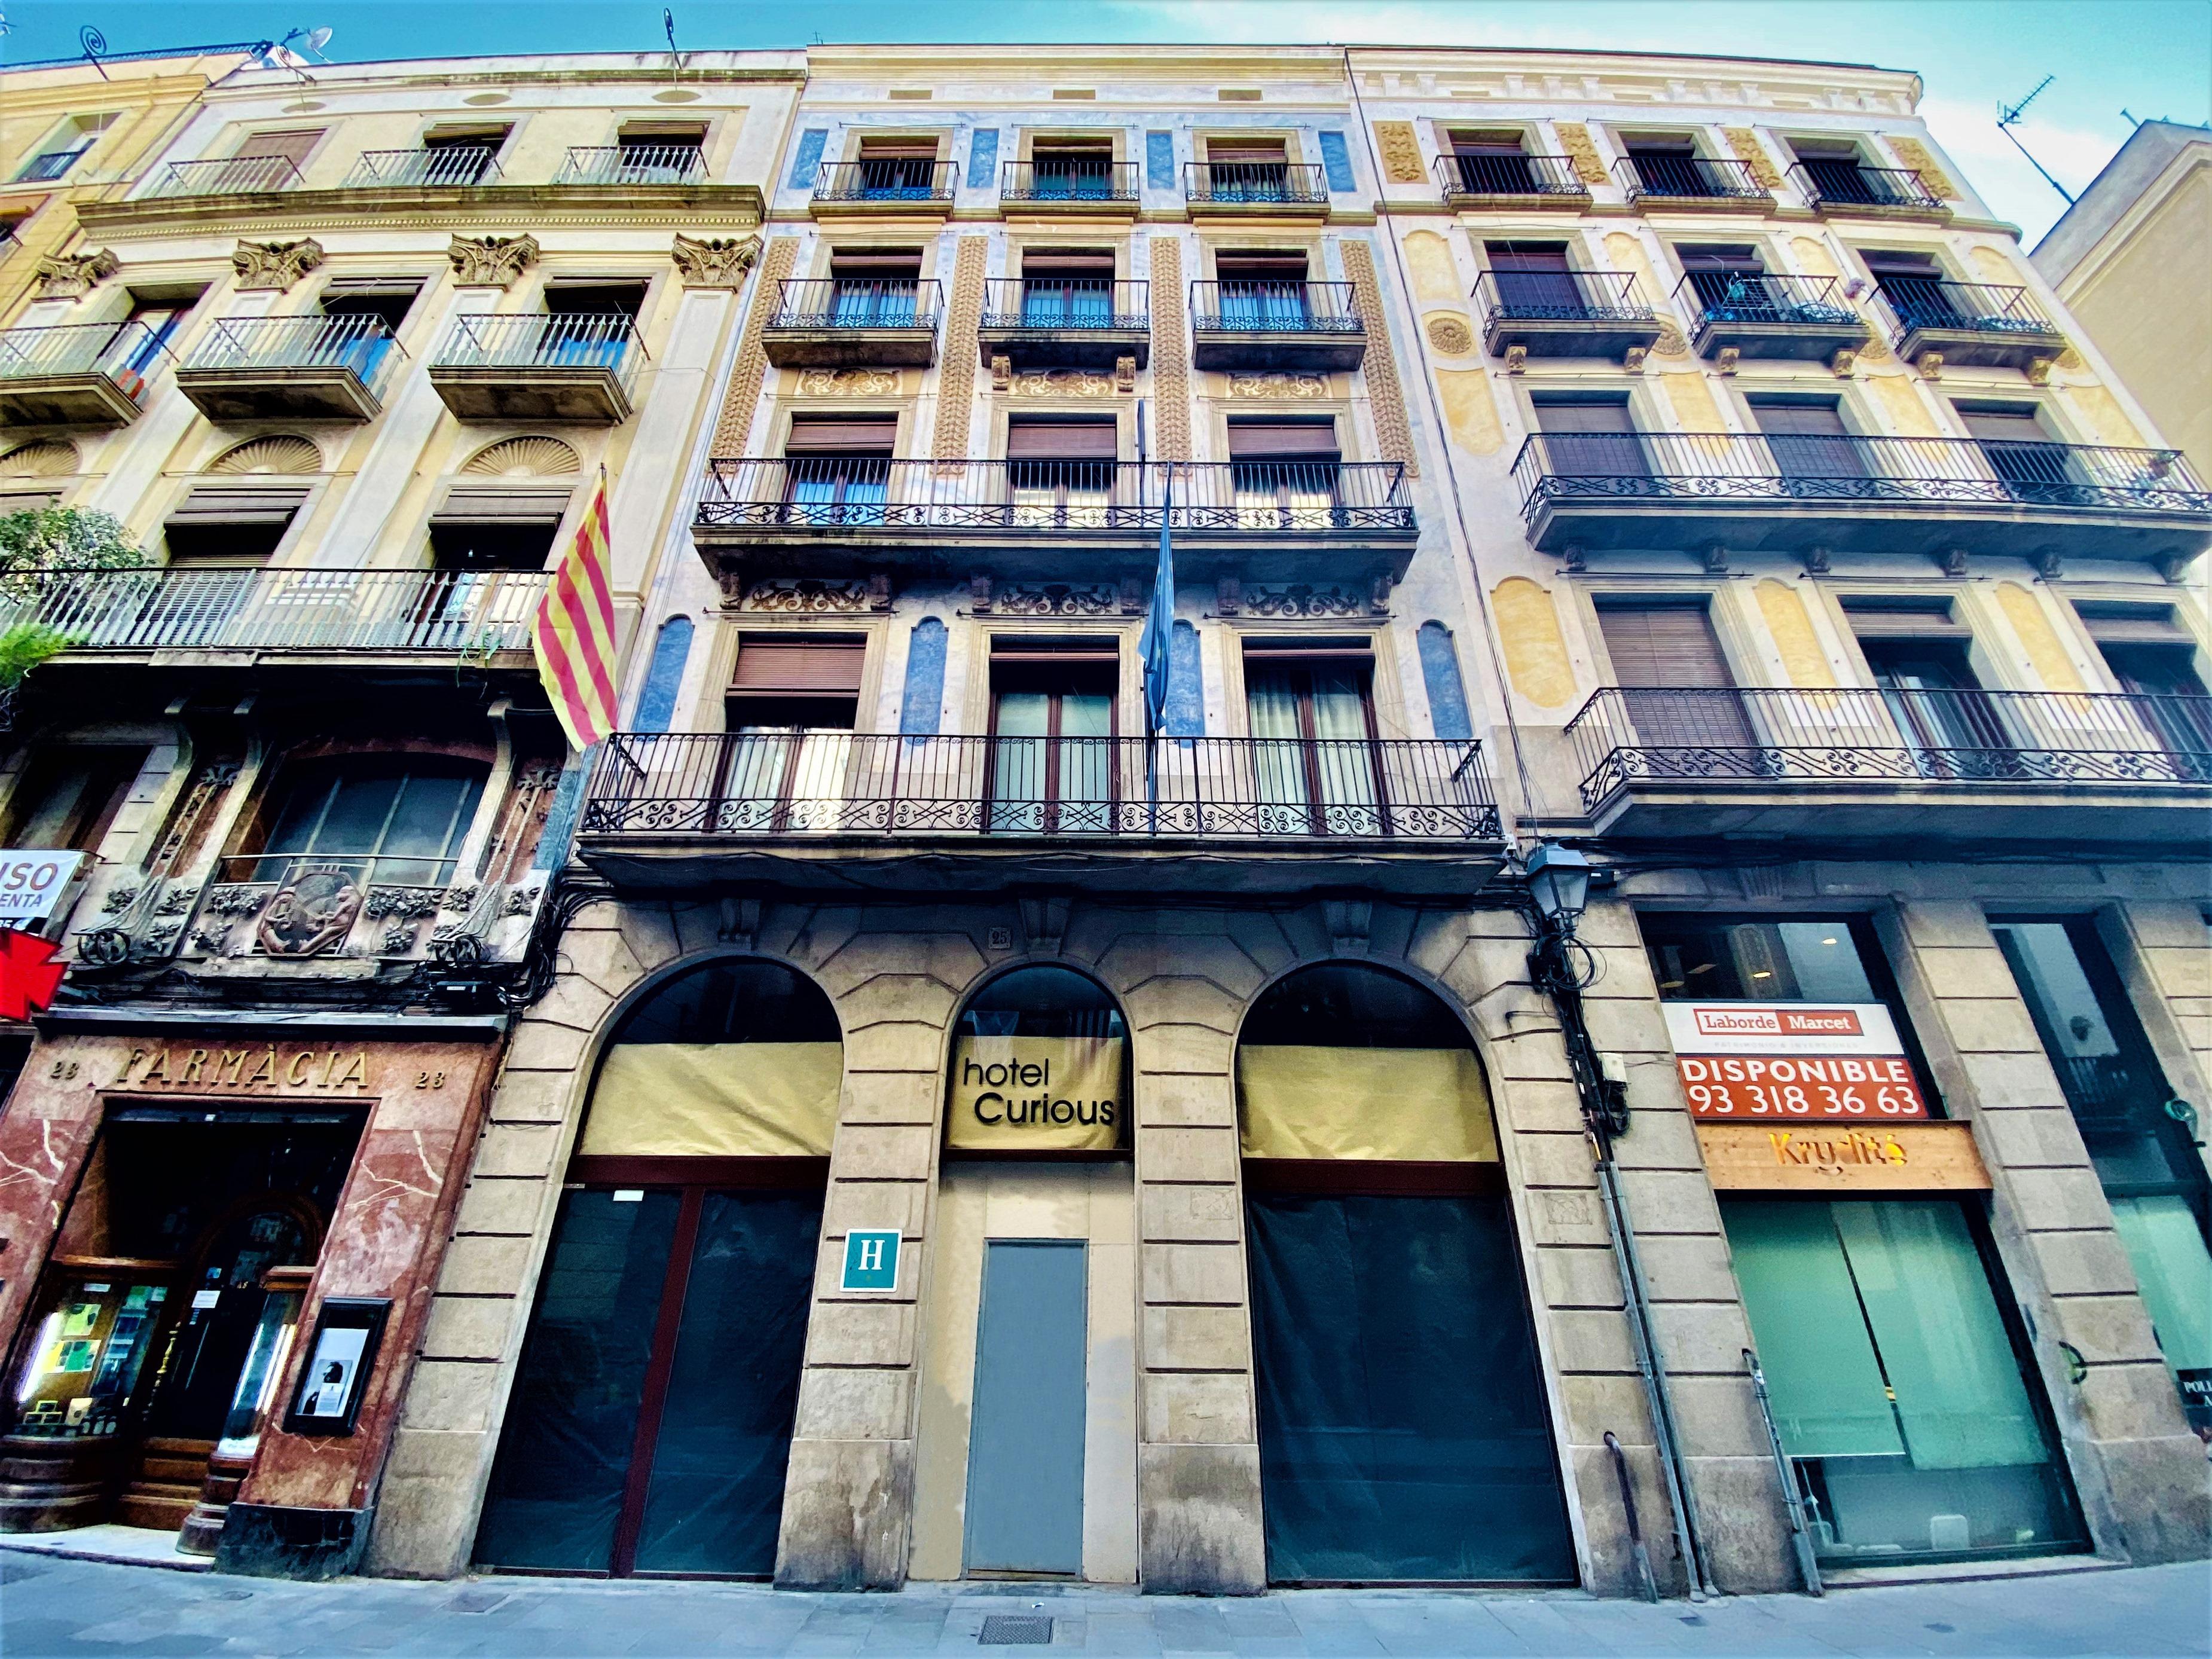 Archivo - Los hoteles son uno de los productos inmobiliarios más cotizado tras la pandemia.